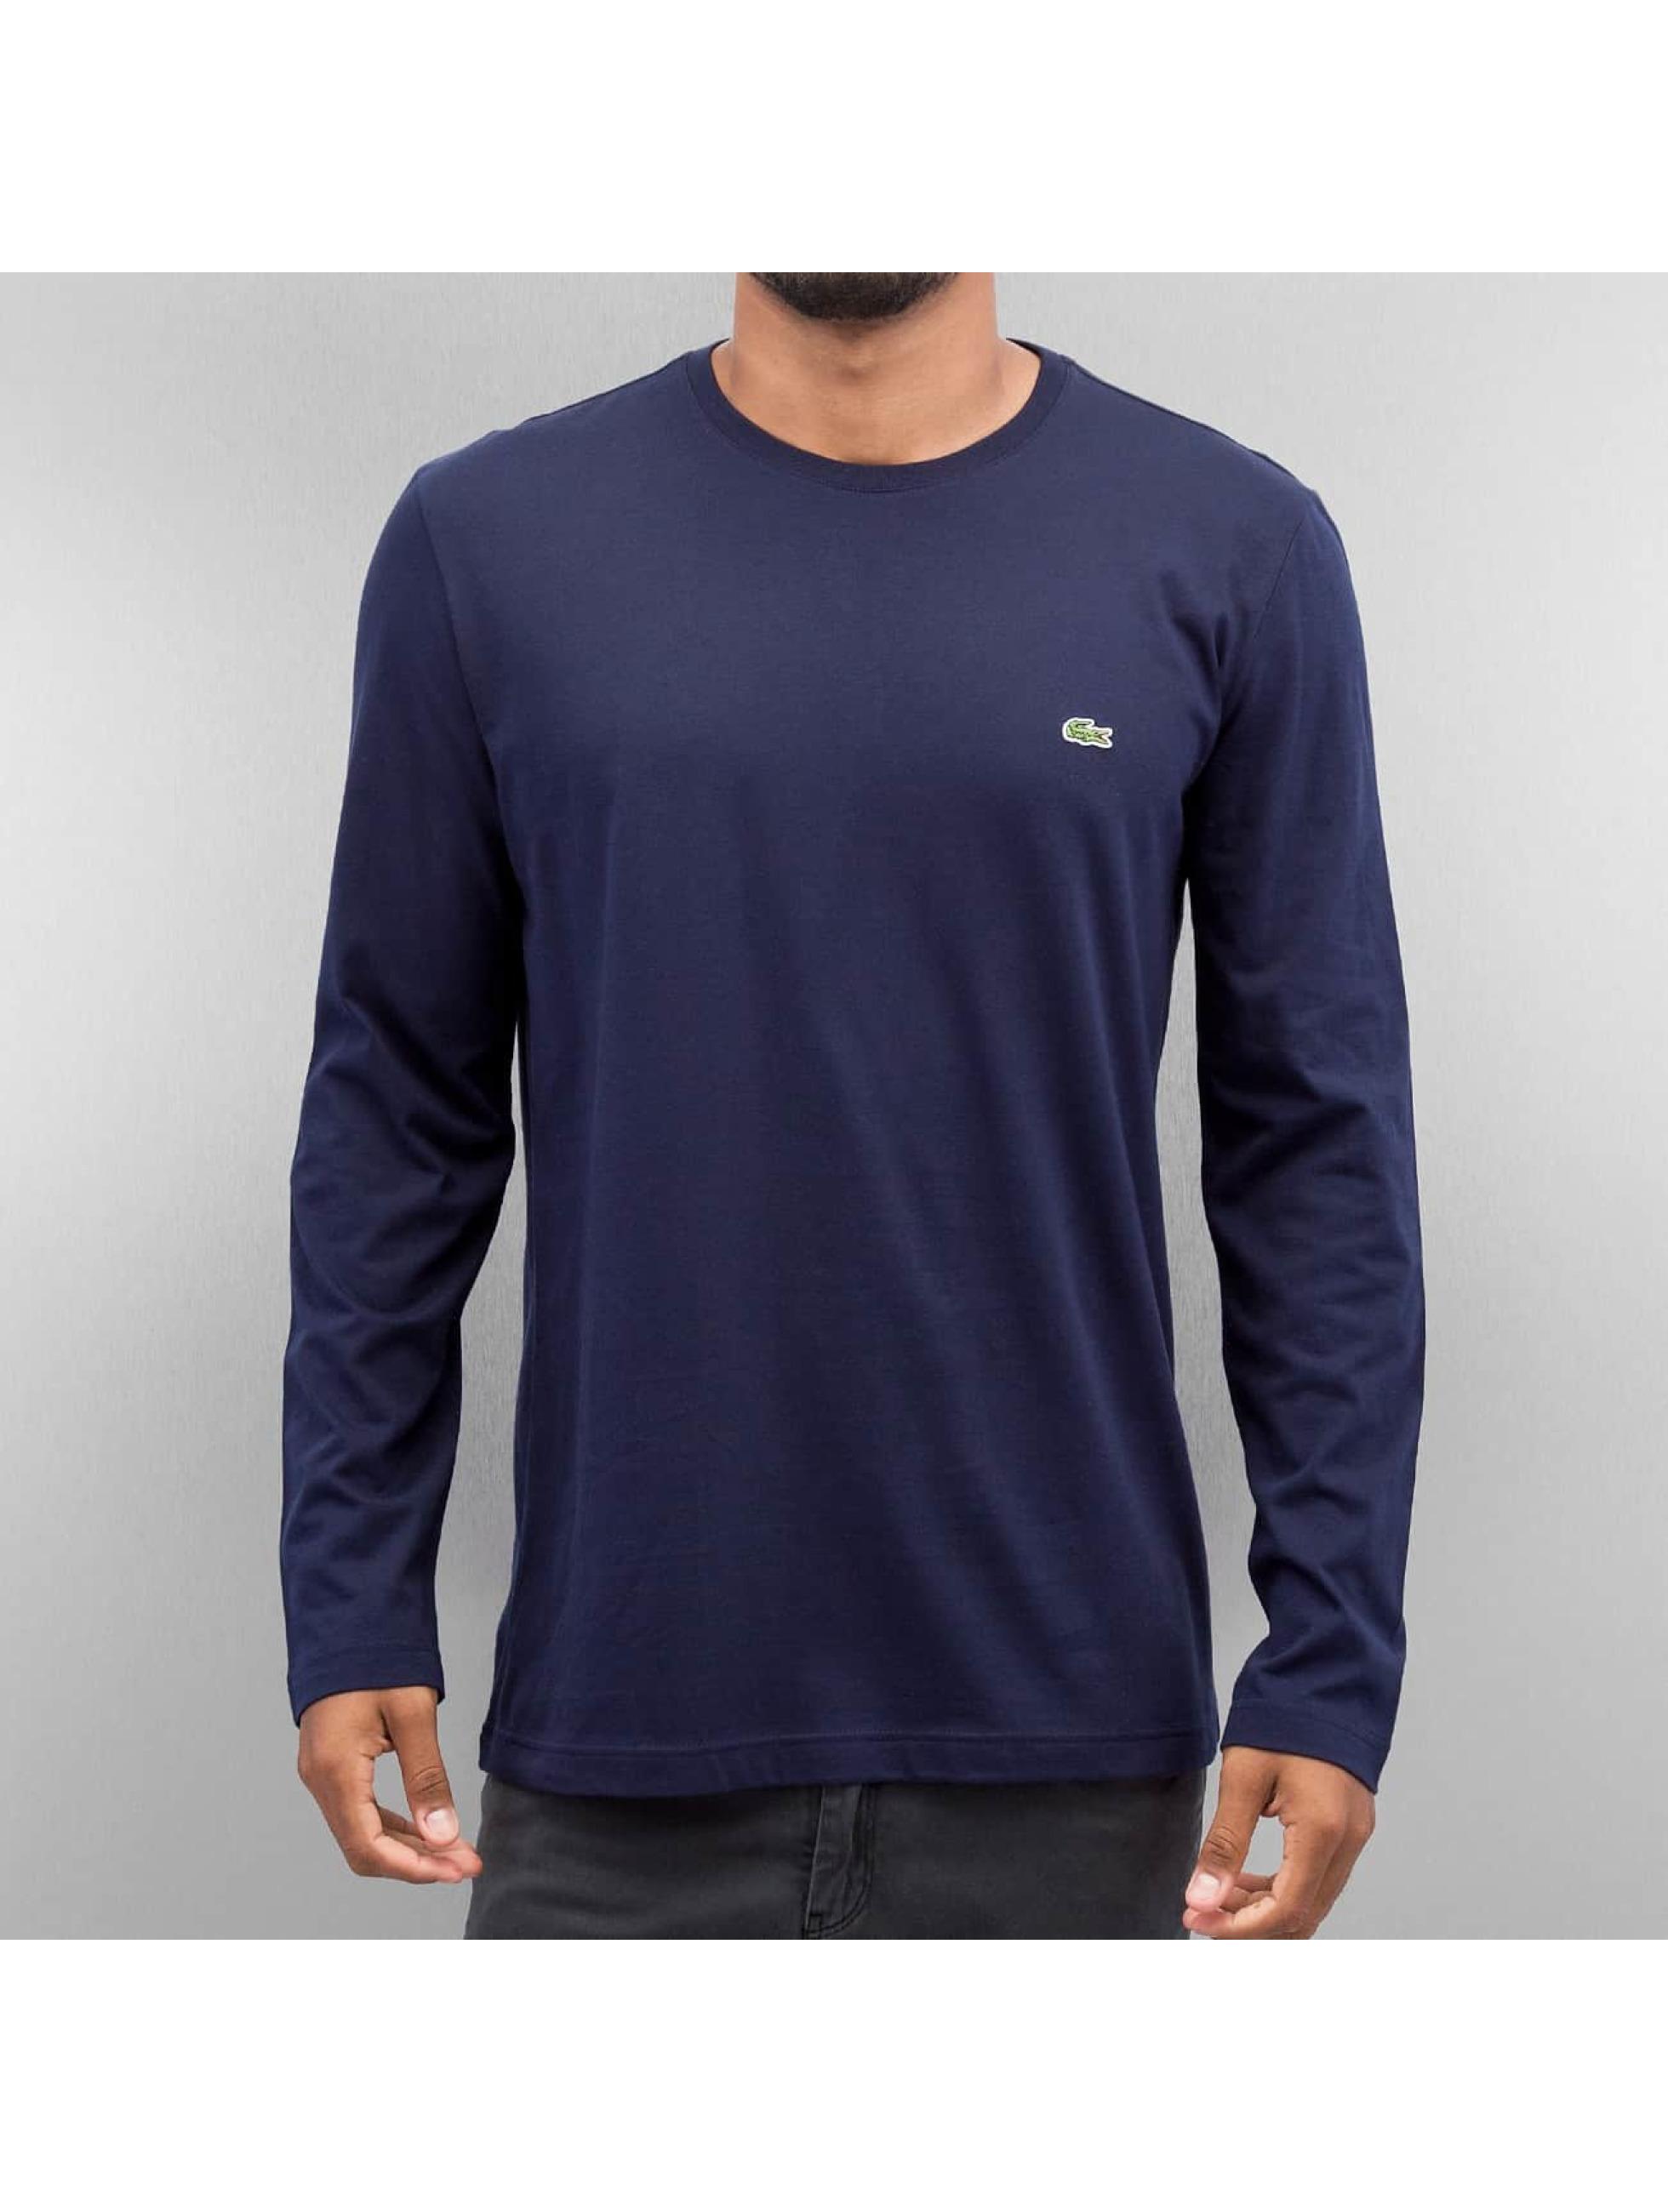 Lacoste T-Shirt manches longues Classic bleu